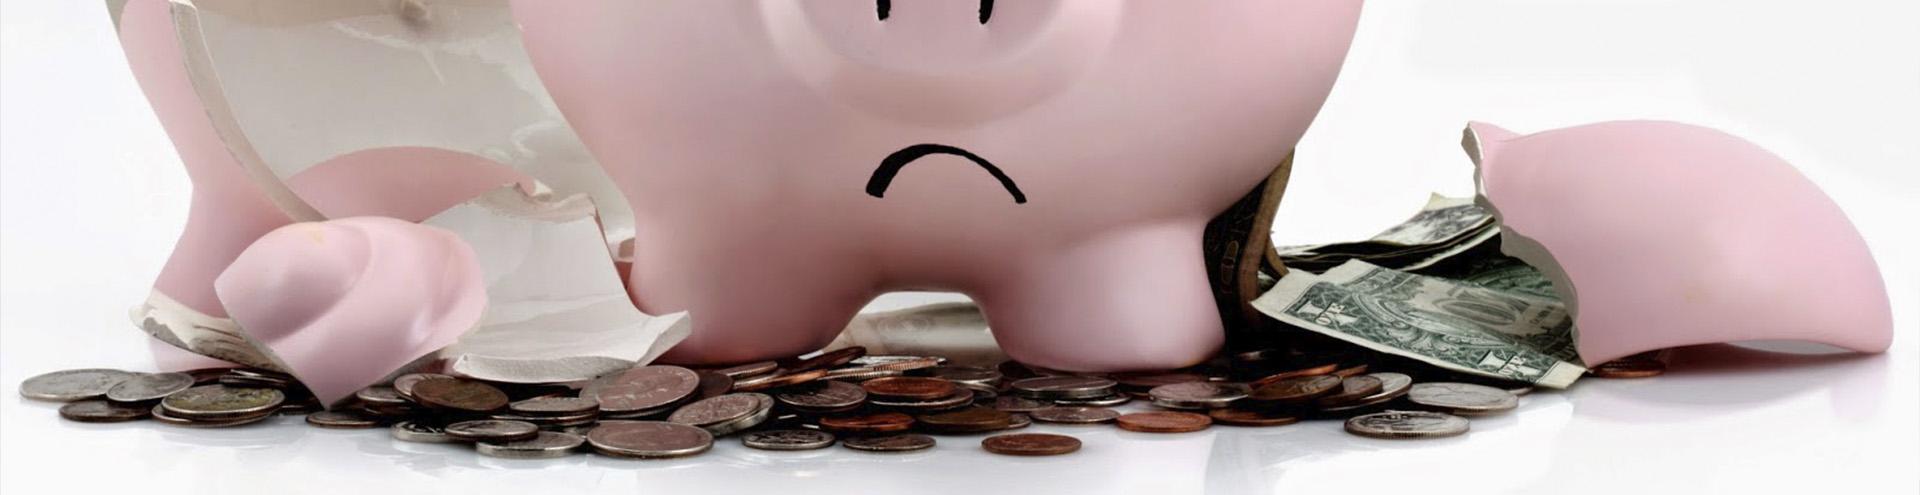 банкротство банка в Уфе